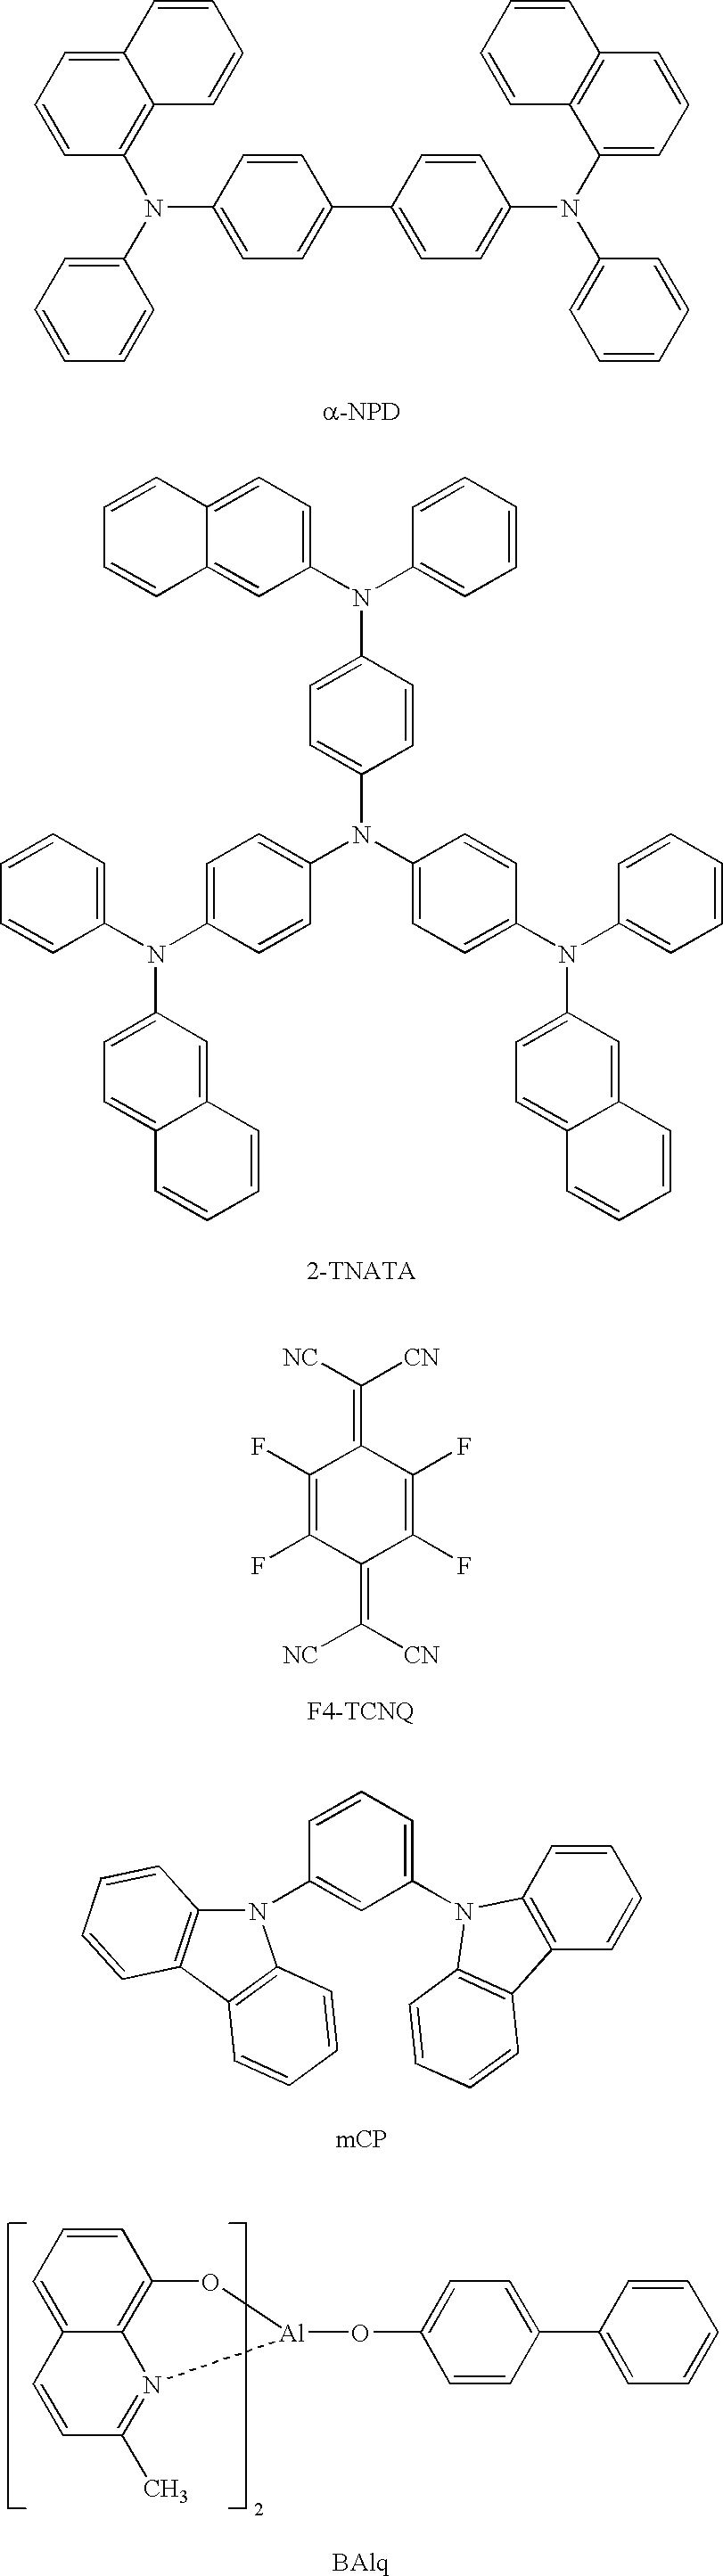 Figure US20100053038A1-20100304-C00001